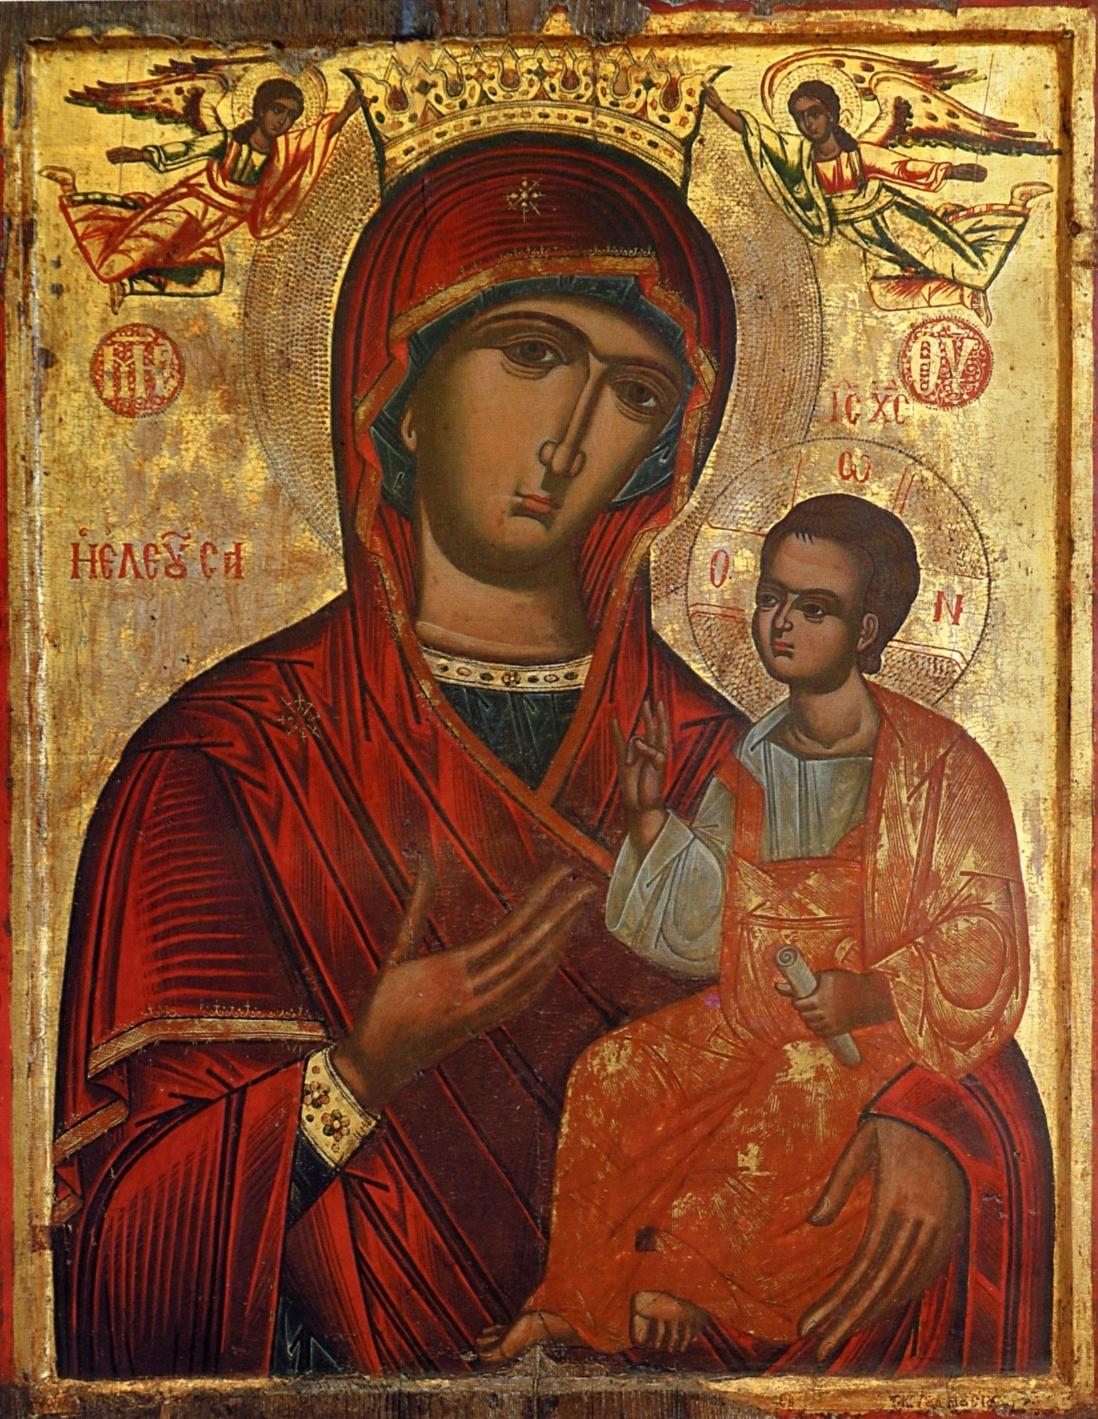 Panagia Eleoussa, I.M. Panagias Amirous